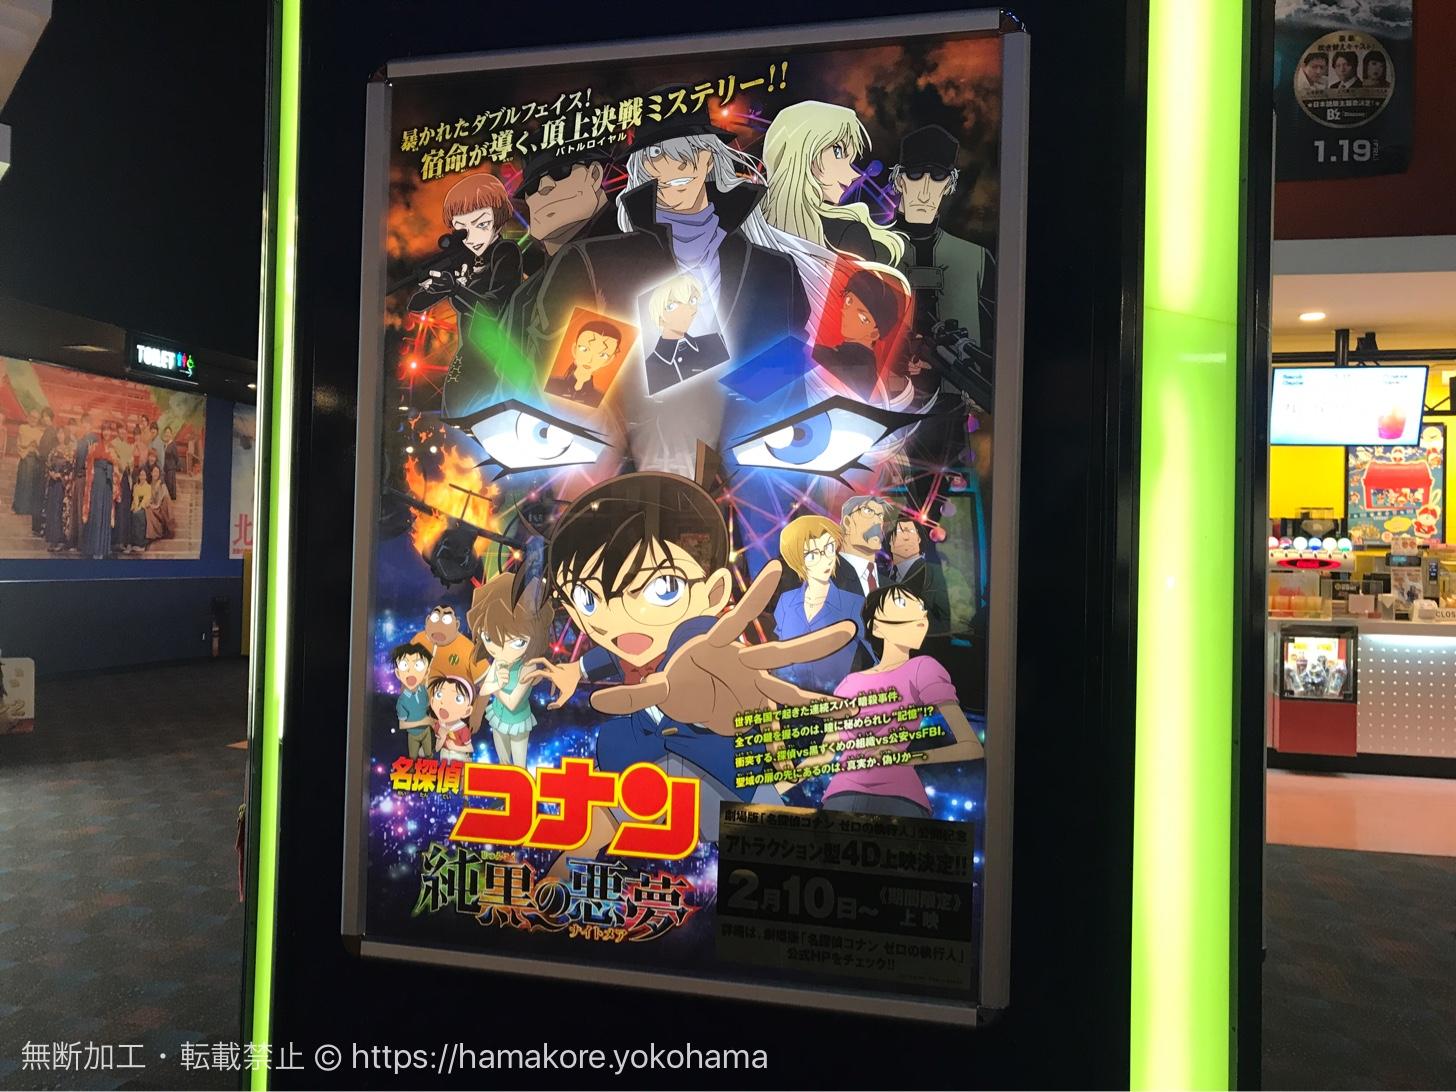 名探偵コナン「純黒の悪夢」4DX・MX4D上映実施の横浜みなとみらい 映画館